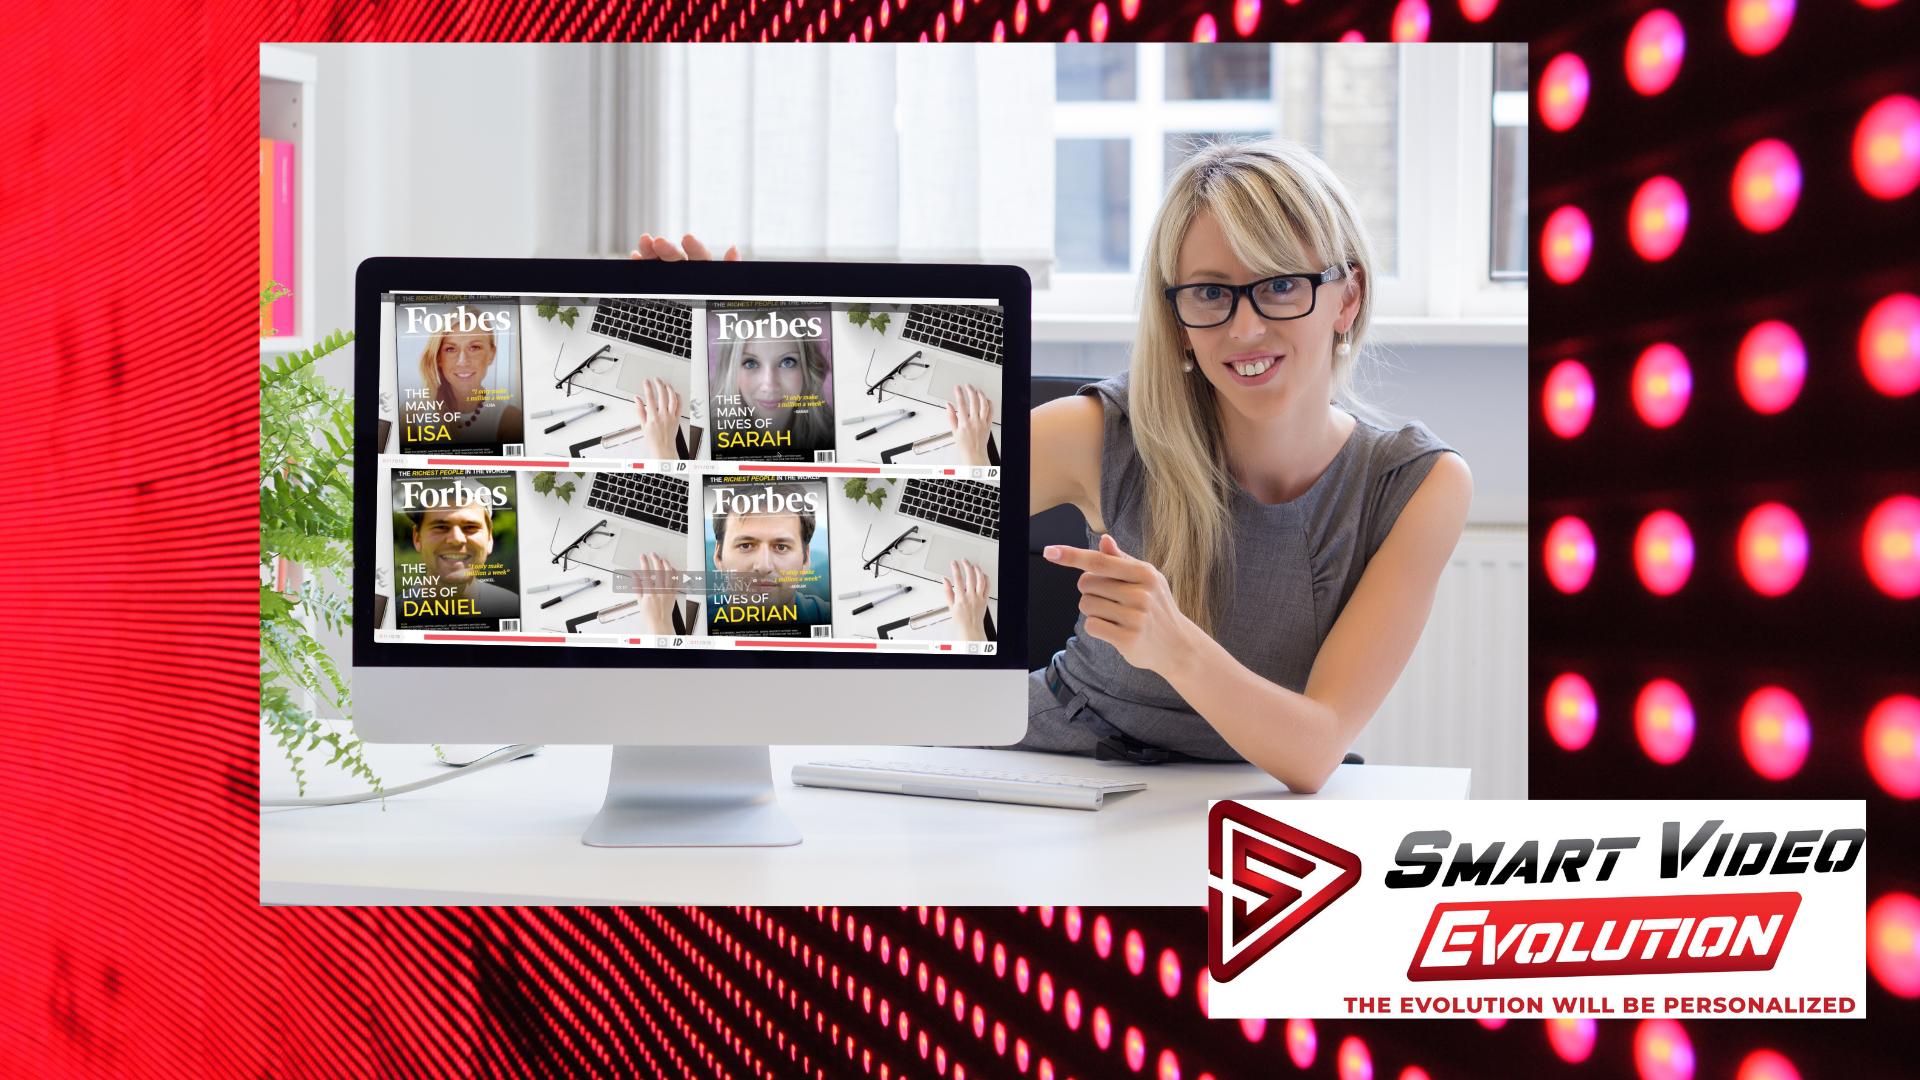 Cliquez sur ce lien pour accéder à l'offre SmartVideo et à ses bonus: